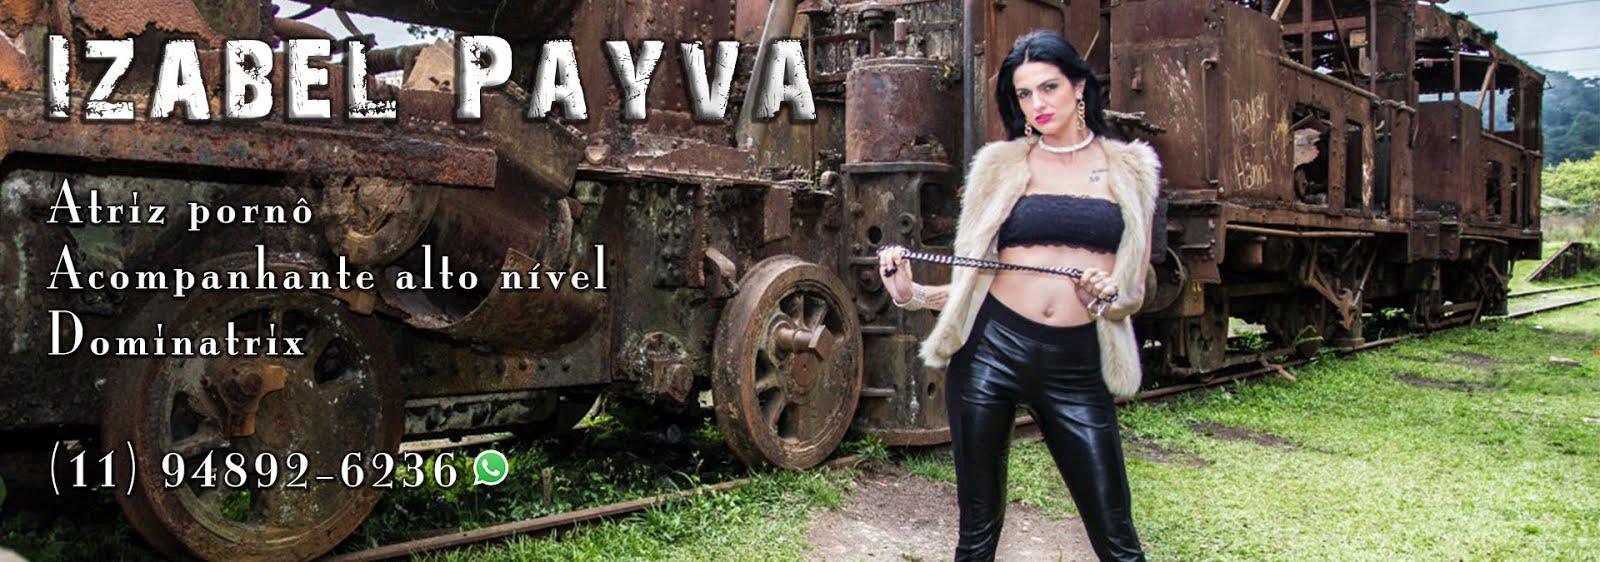 Izabel Payva